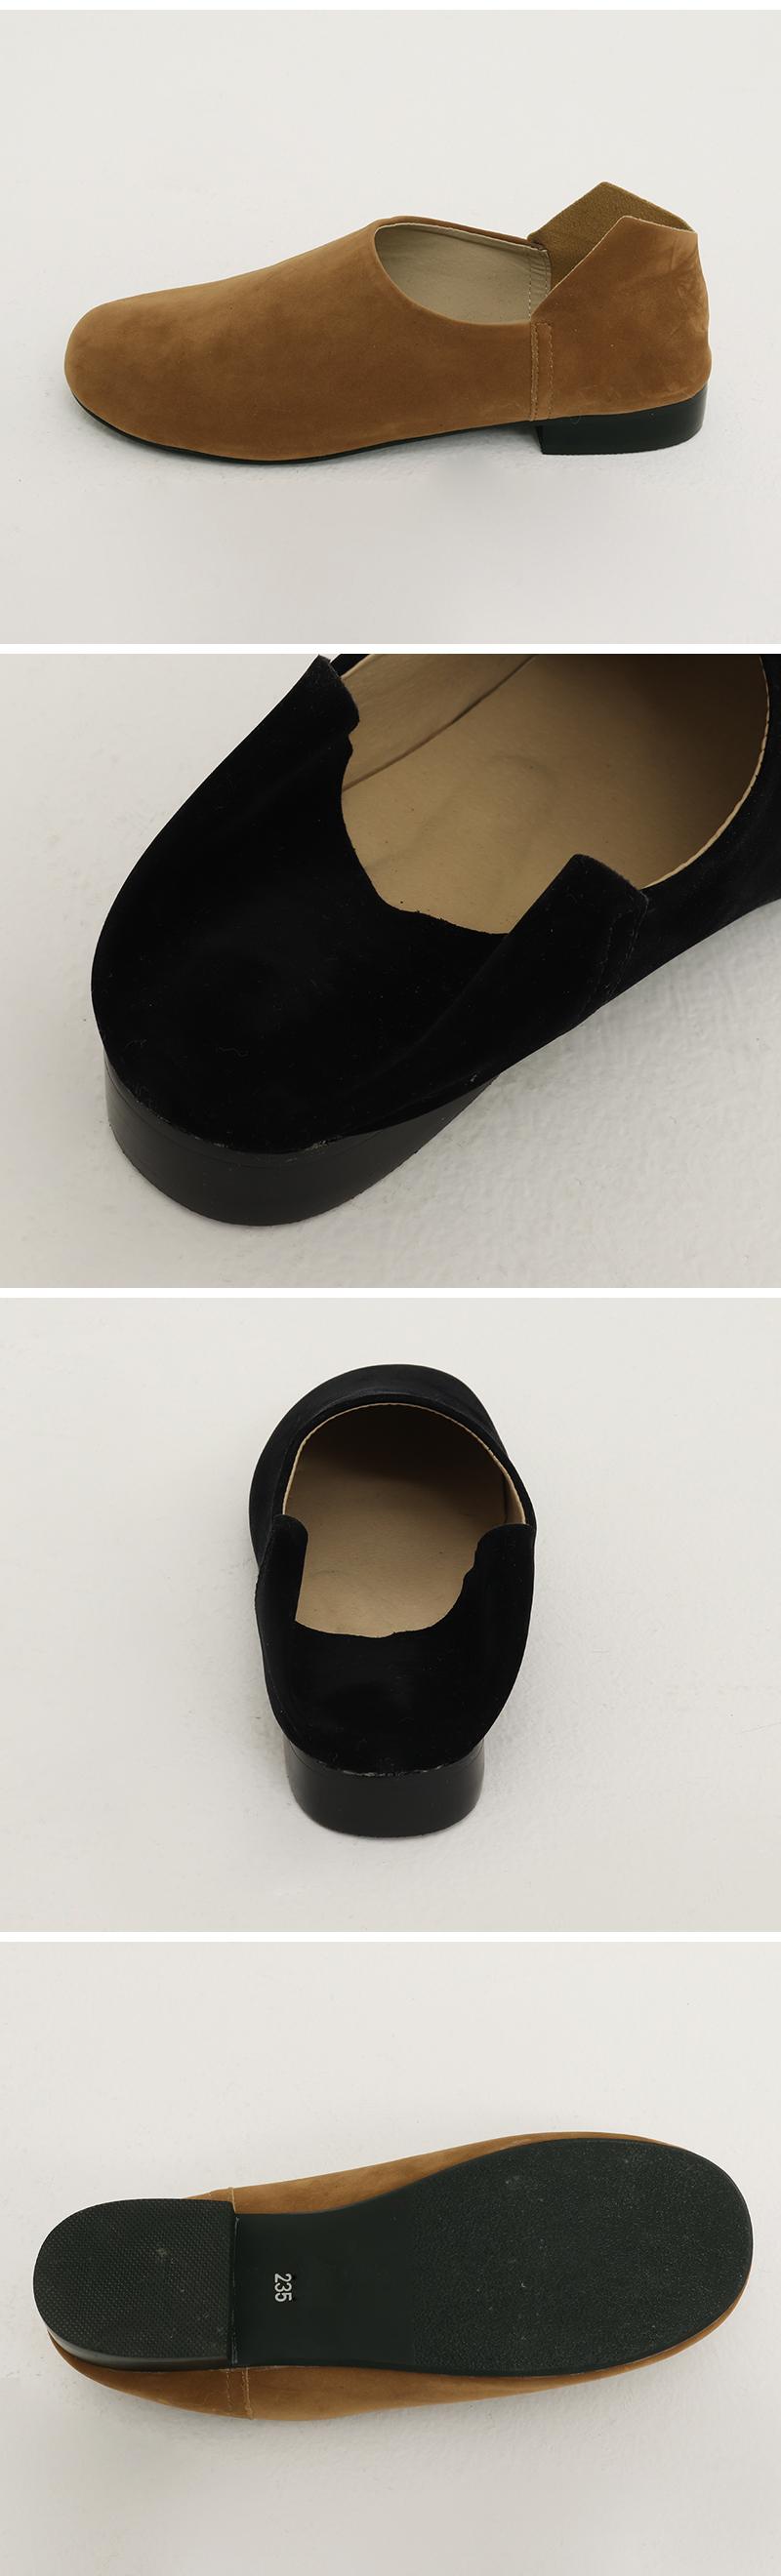 Bread charming suede shoes_Y